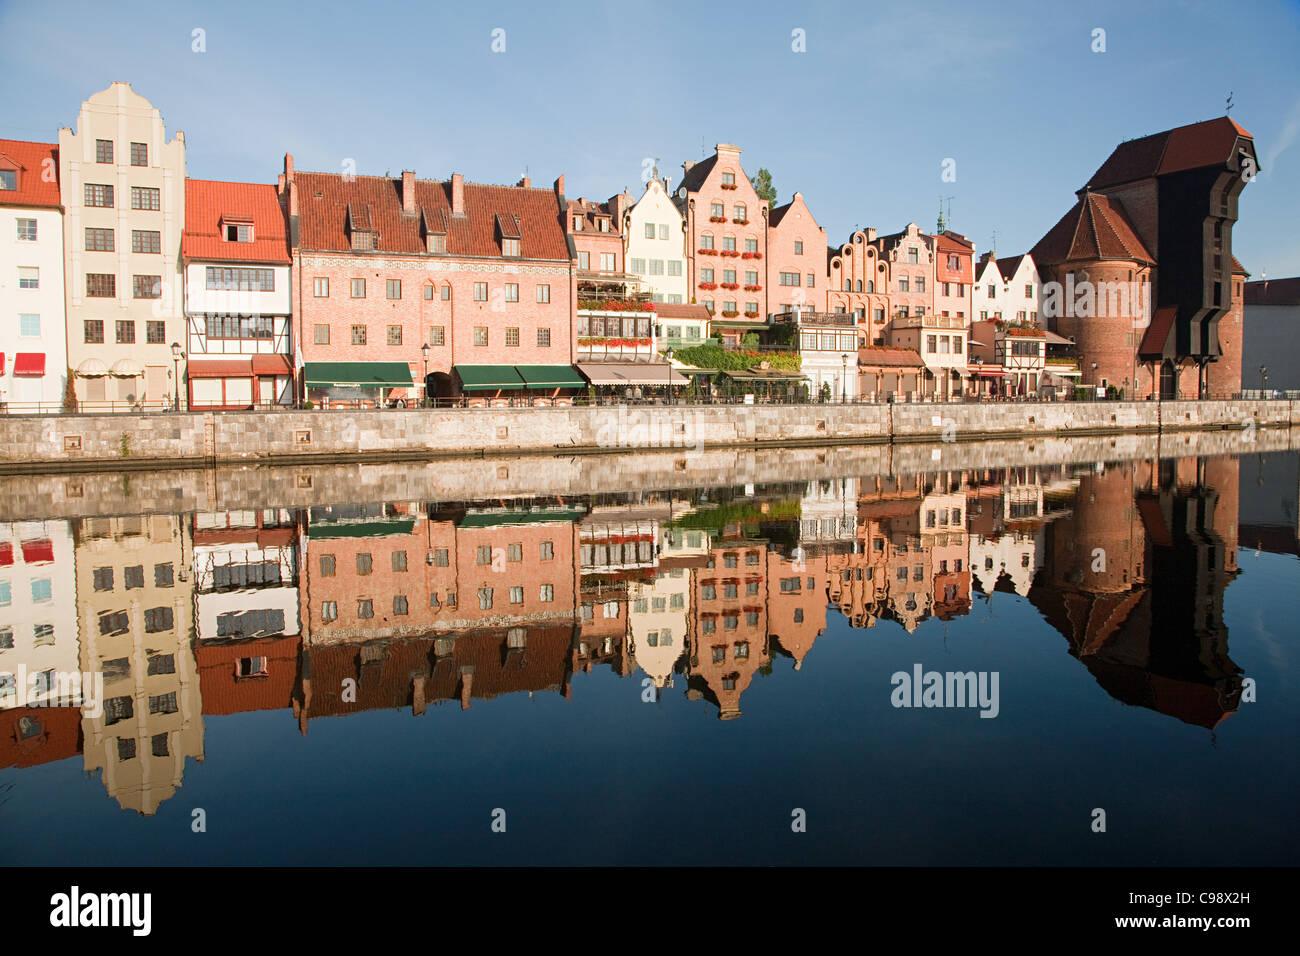 Gebäude spiegelt sich im Wasser, Danzig, Polen Stockbild